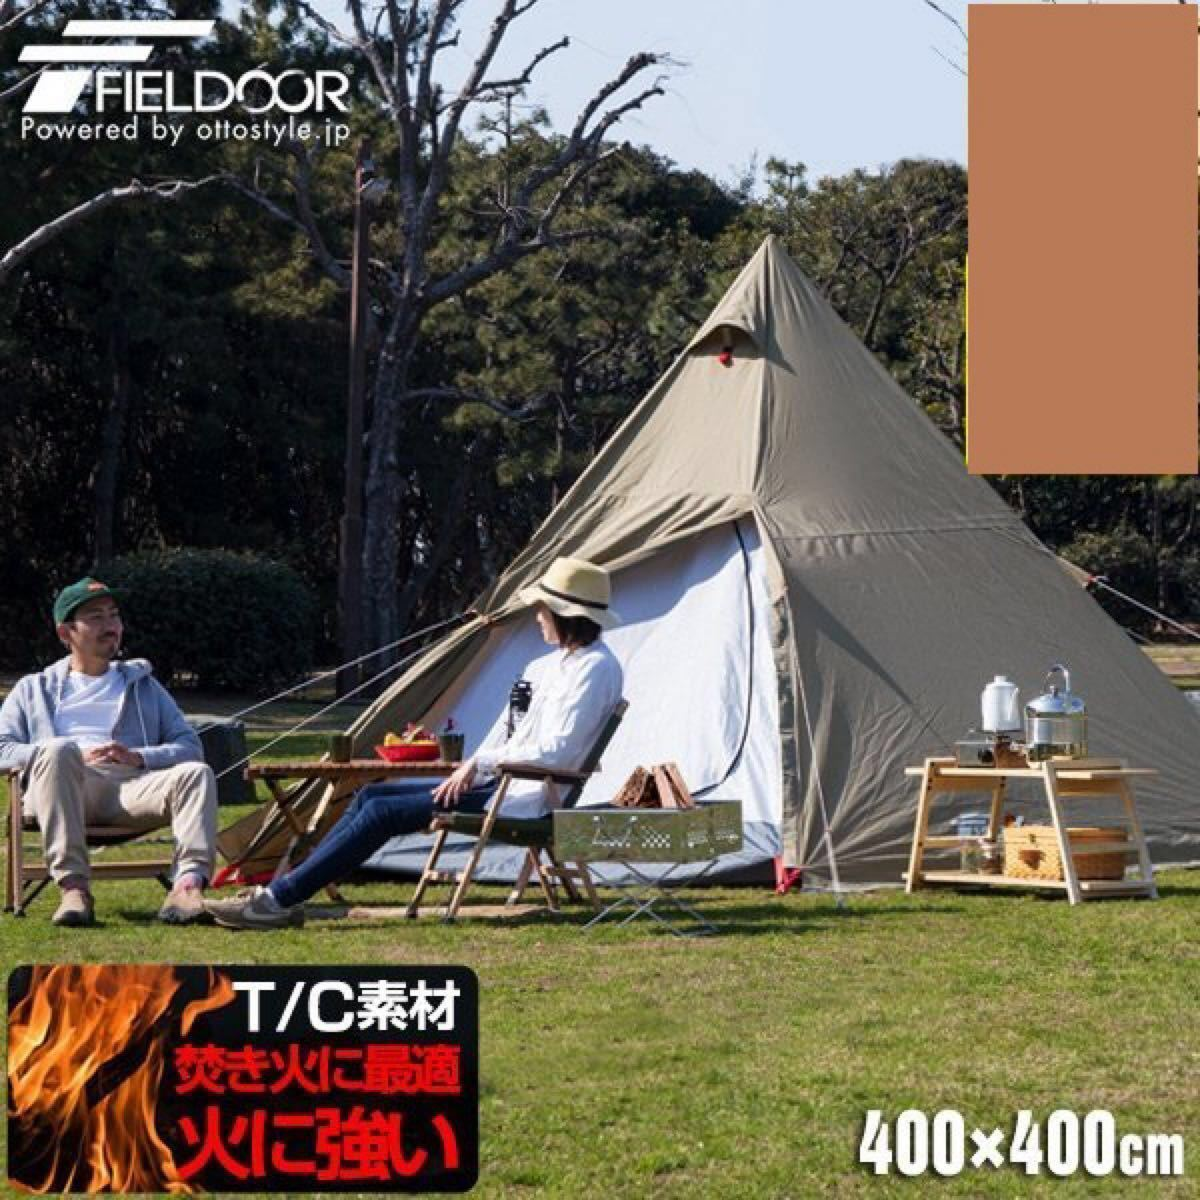 ワンポール テント 人気のポリコットン フィールドア FIELDOOR 4人用 UVカット 難燃性 T/C